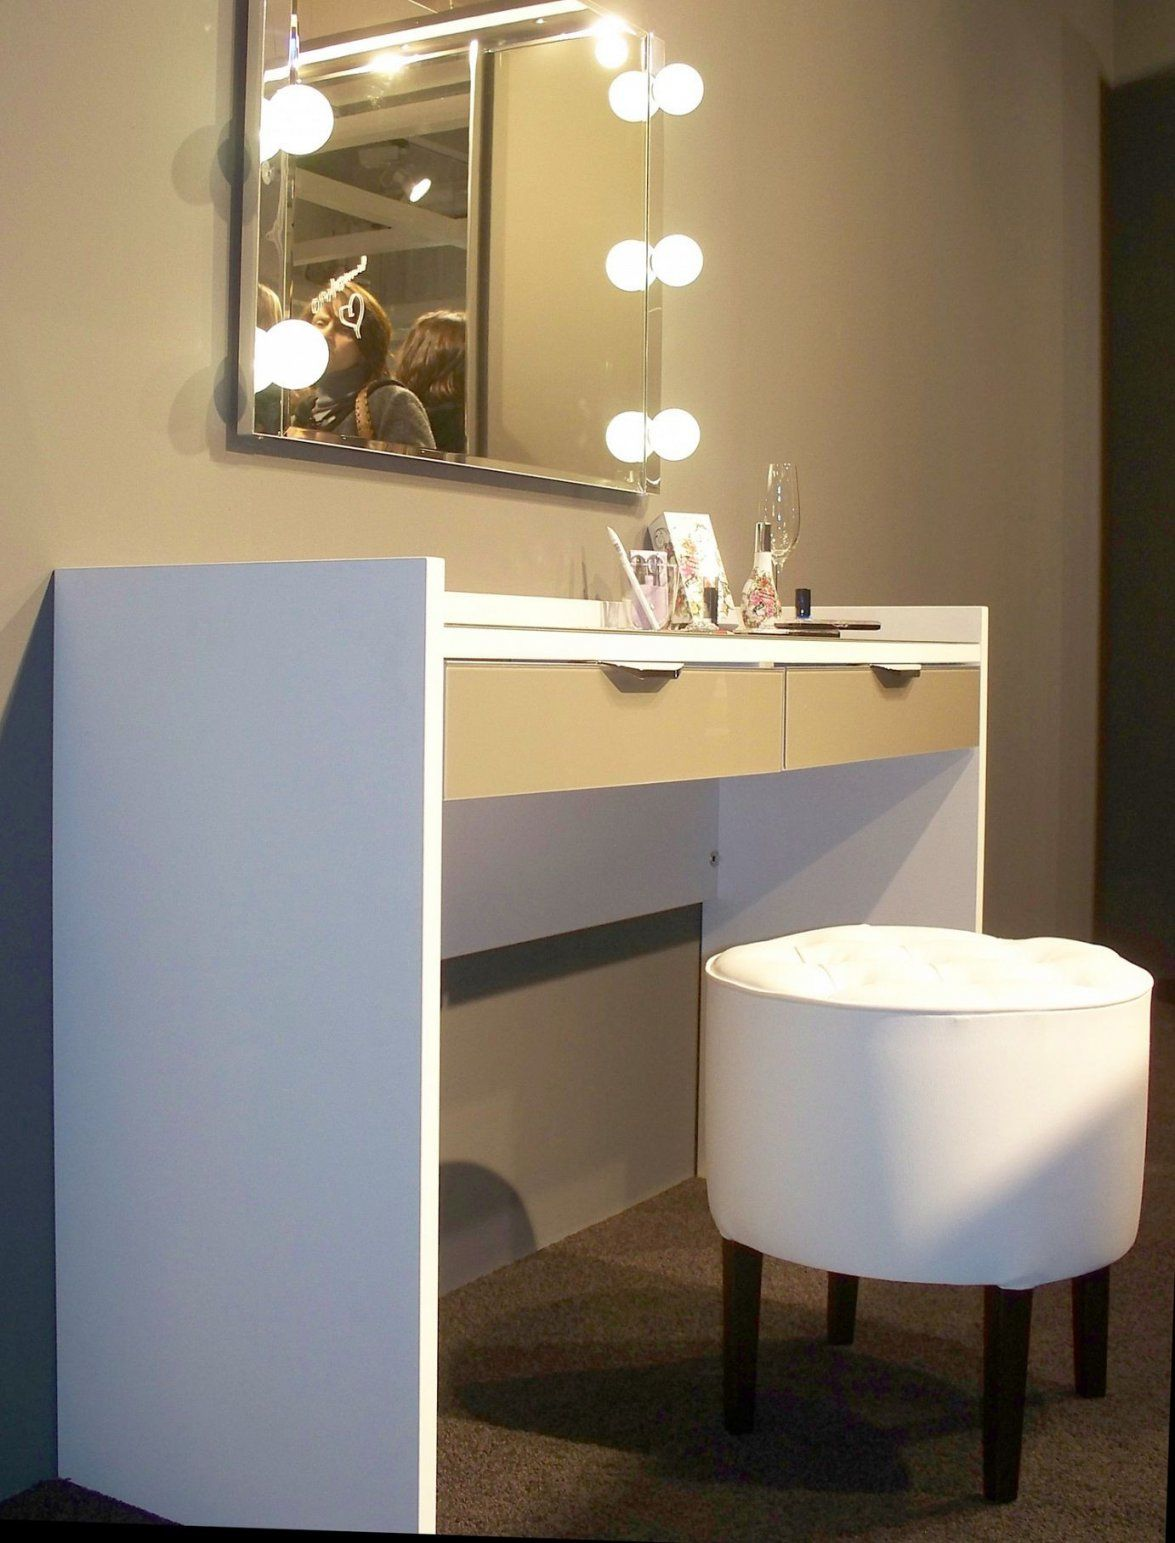 Ikea Schminktisch Mit Spiegel Bild Von Schminkspiegel Mit von Schminktisch Mit Spiegel Und Beleuchtung Ikea Photo